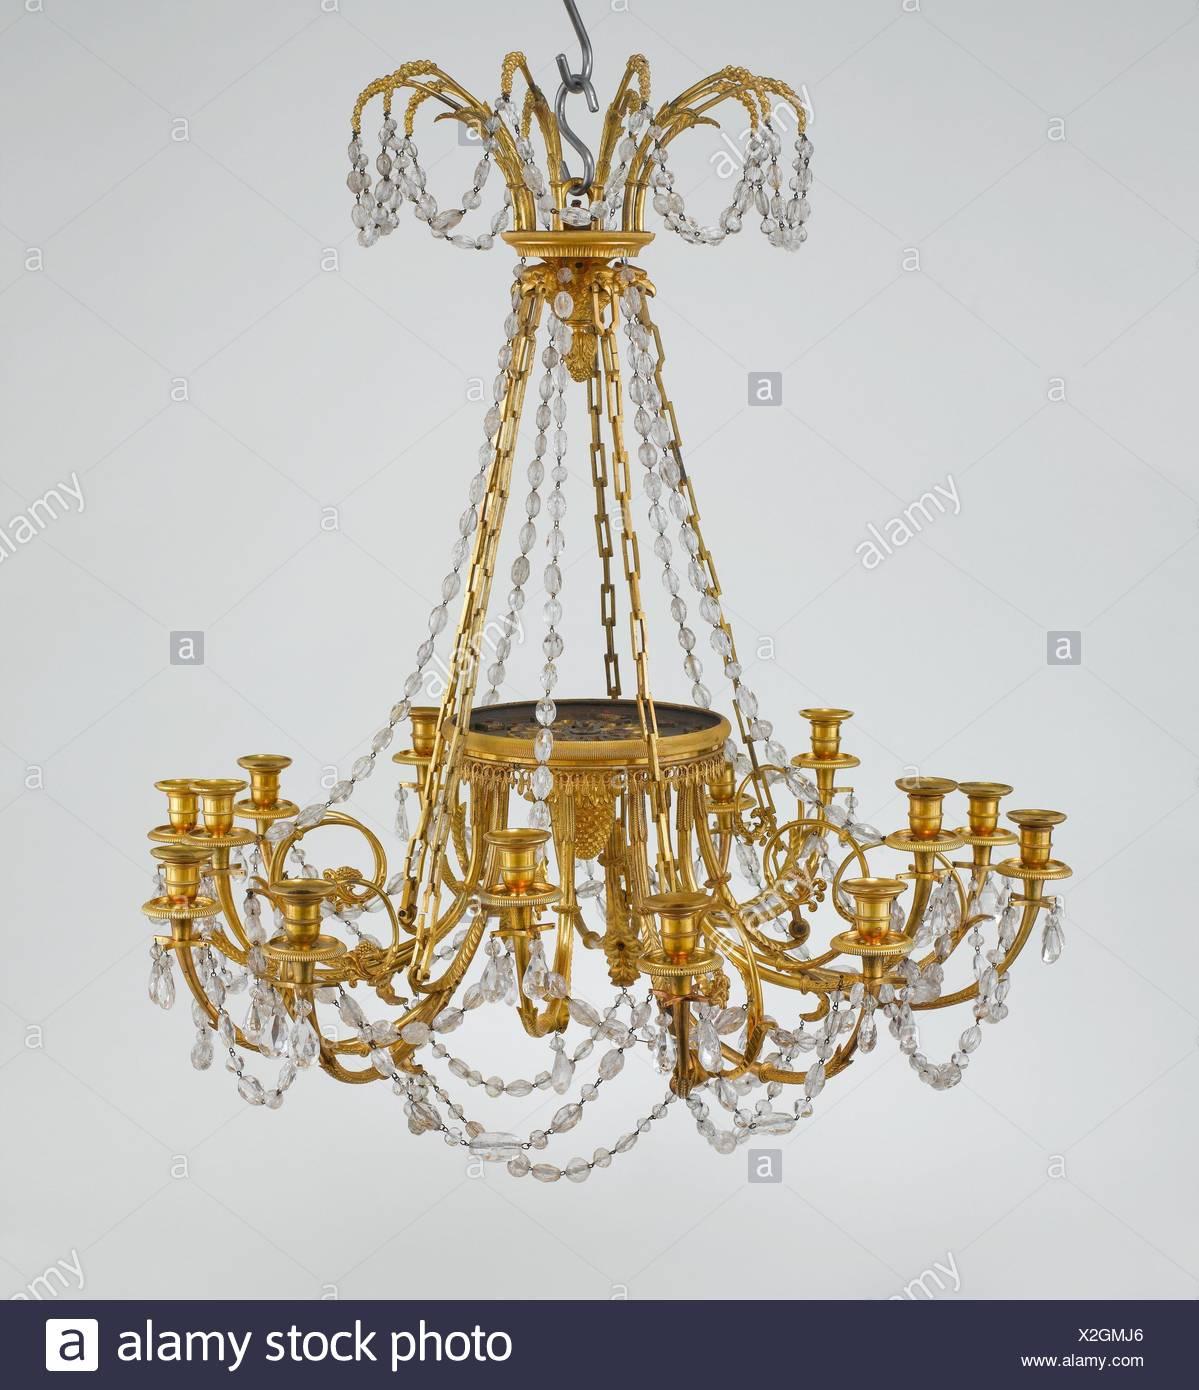 15   Licht Kronleuchter. Datum: Ca. 1785 90; Kultur: Französisch; Medium:  Vergoldeter Bronze, Bergkristall; Abmessungen: H. 39 7/16 In. (100,2 Cm);  Durchm.